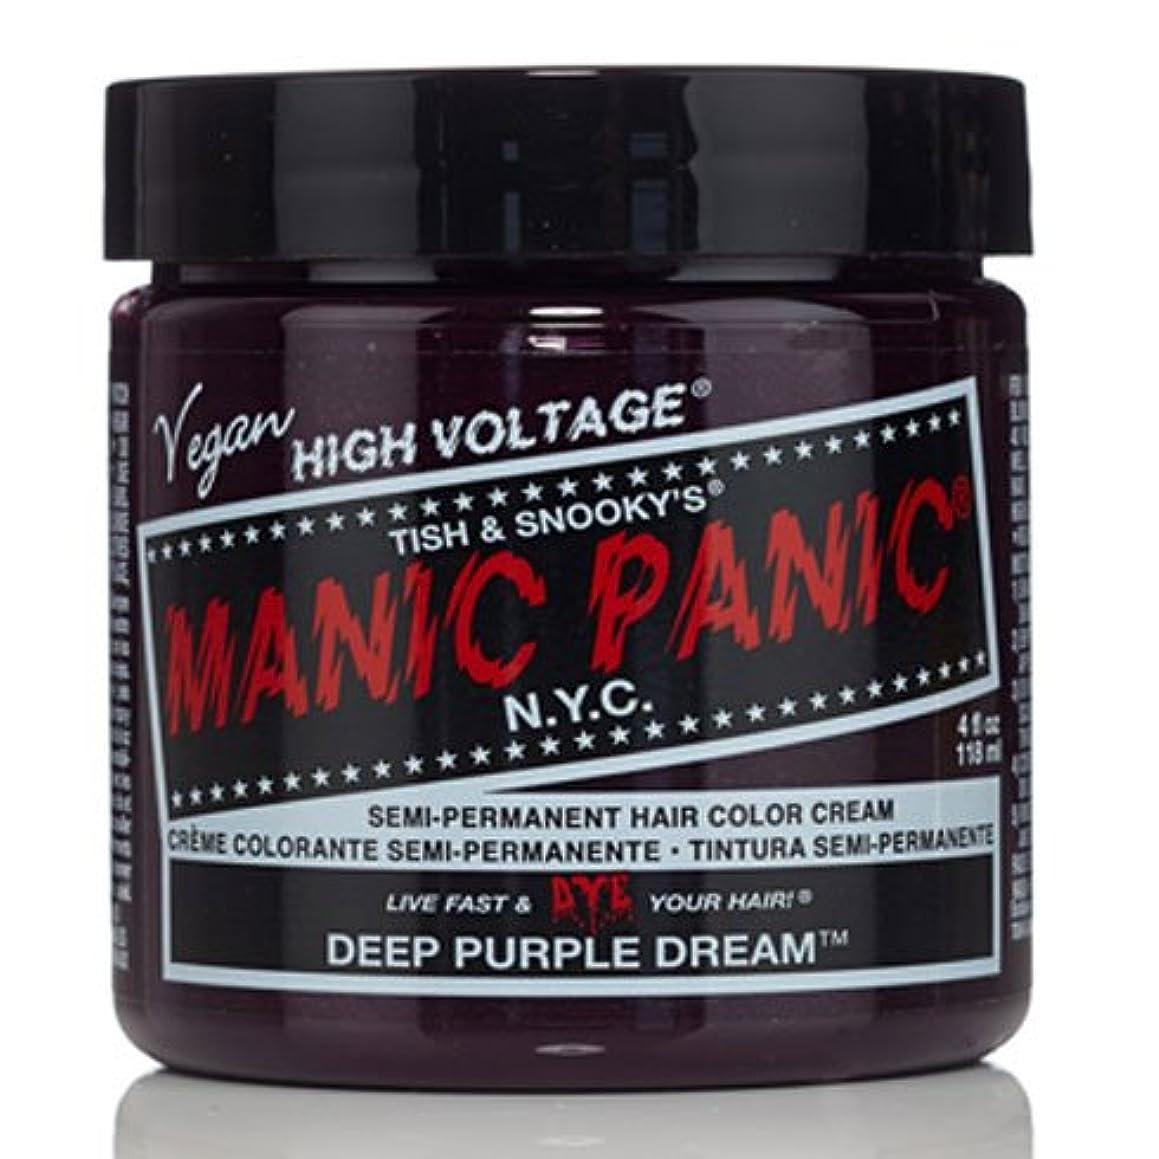 スペシャルセットMANIC PANICマニックパニック:DEEP PURPLE DREAM (ディープパープルドリーム)+ヘアカラーケア4点セット